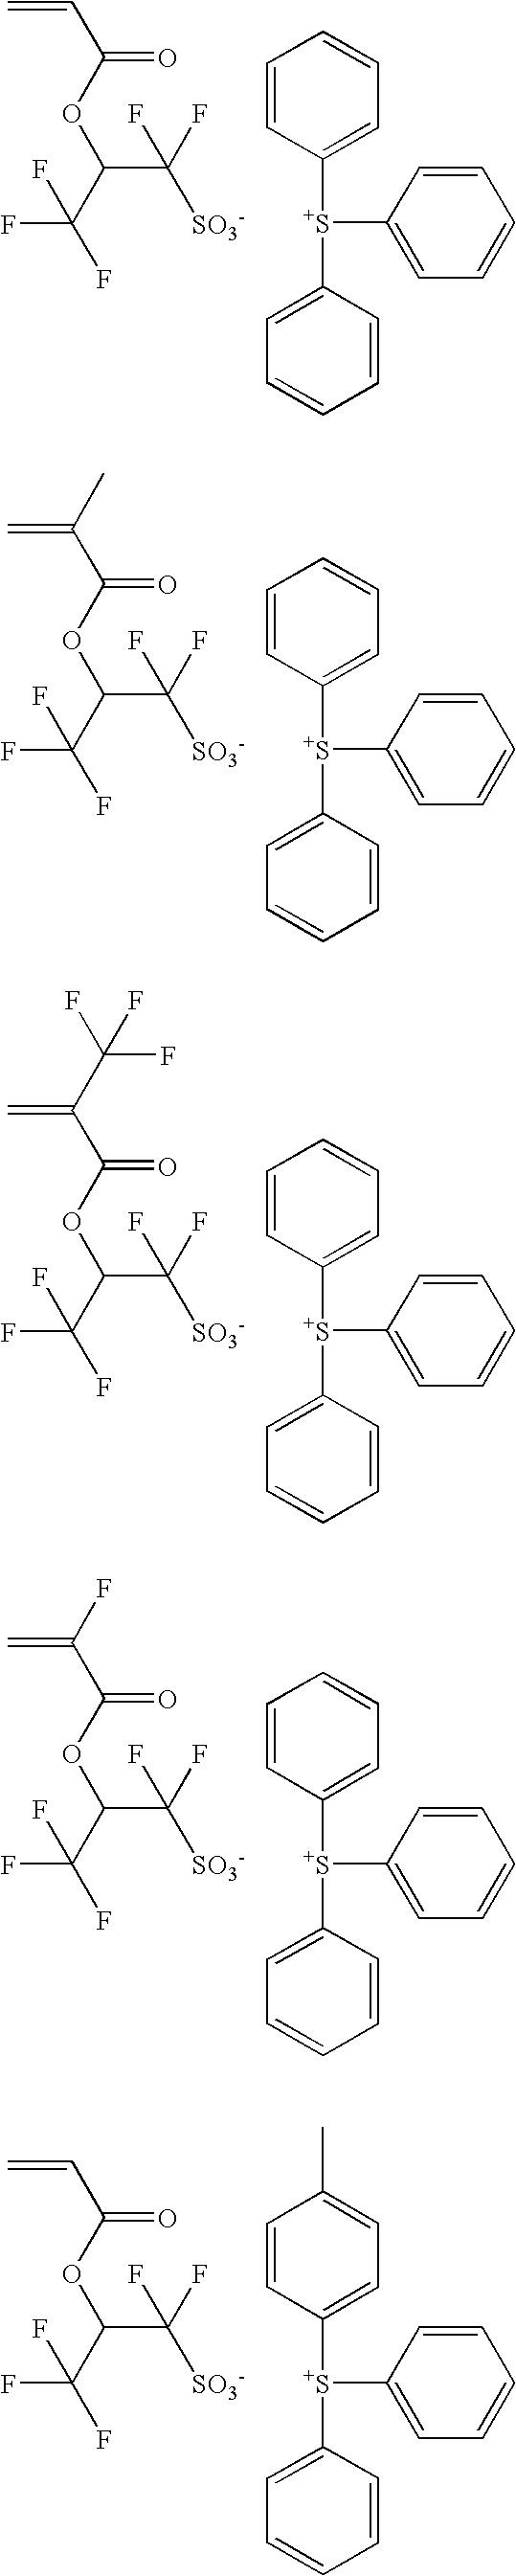 Figure US07569326-20090804-C00009